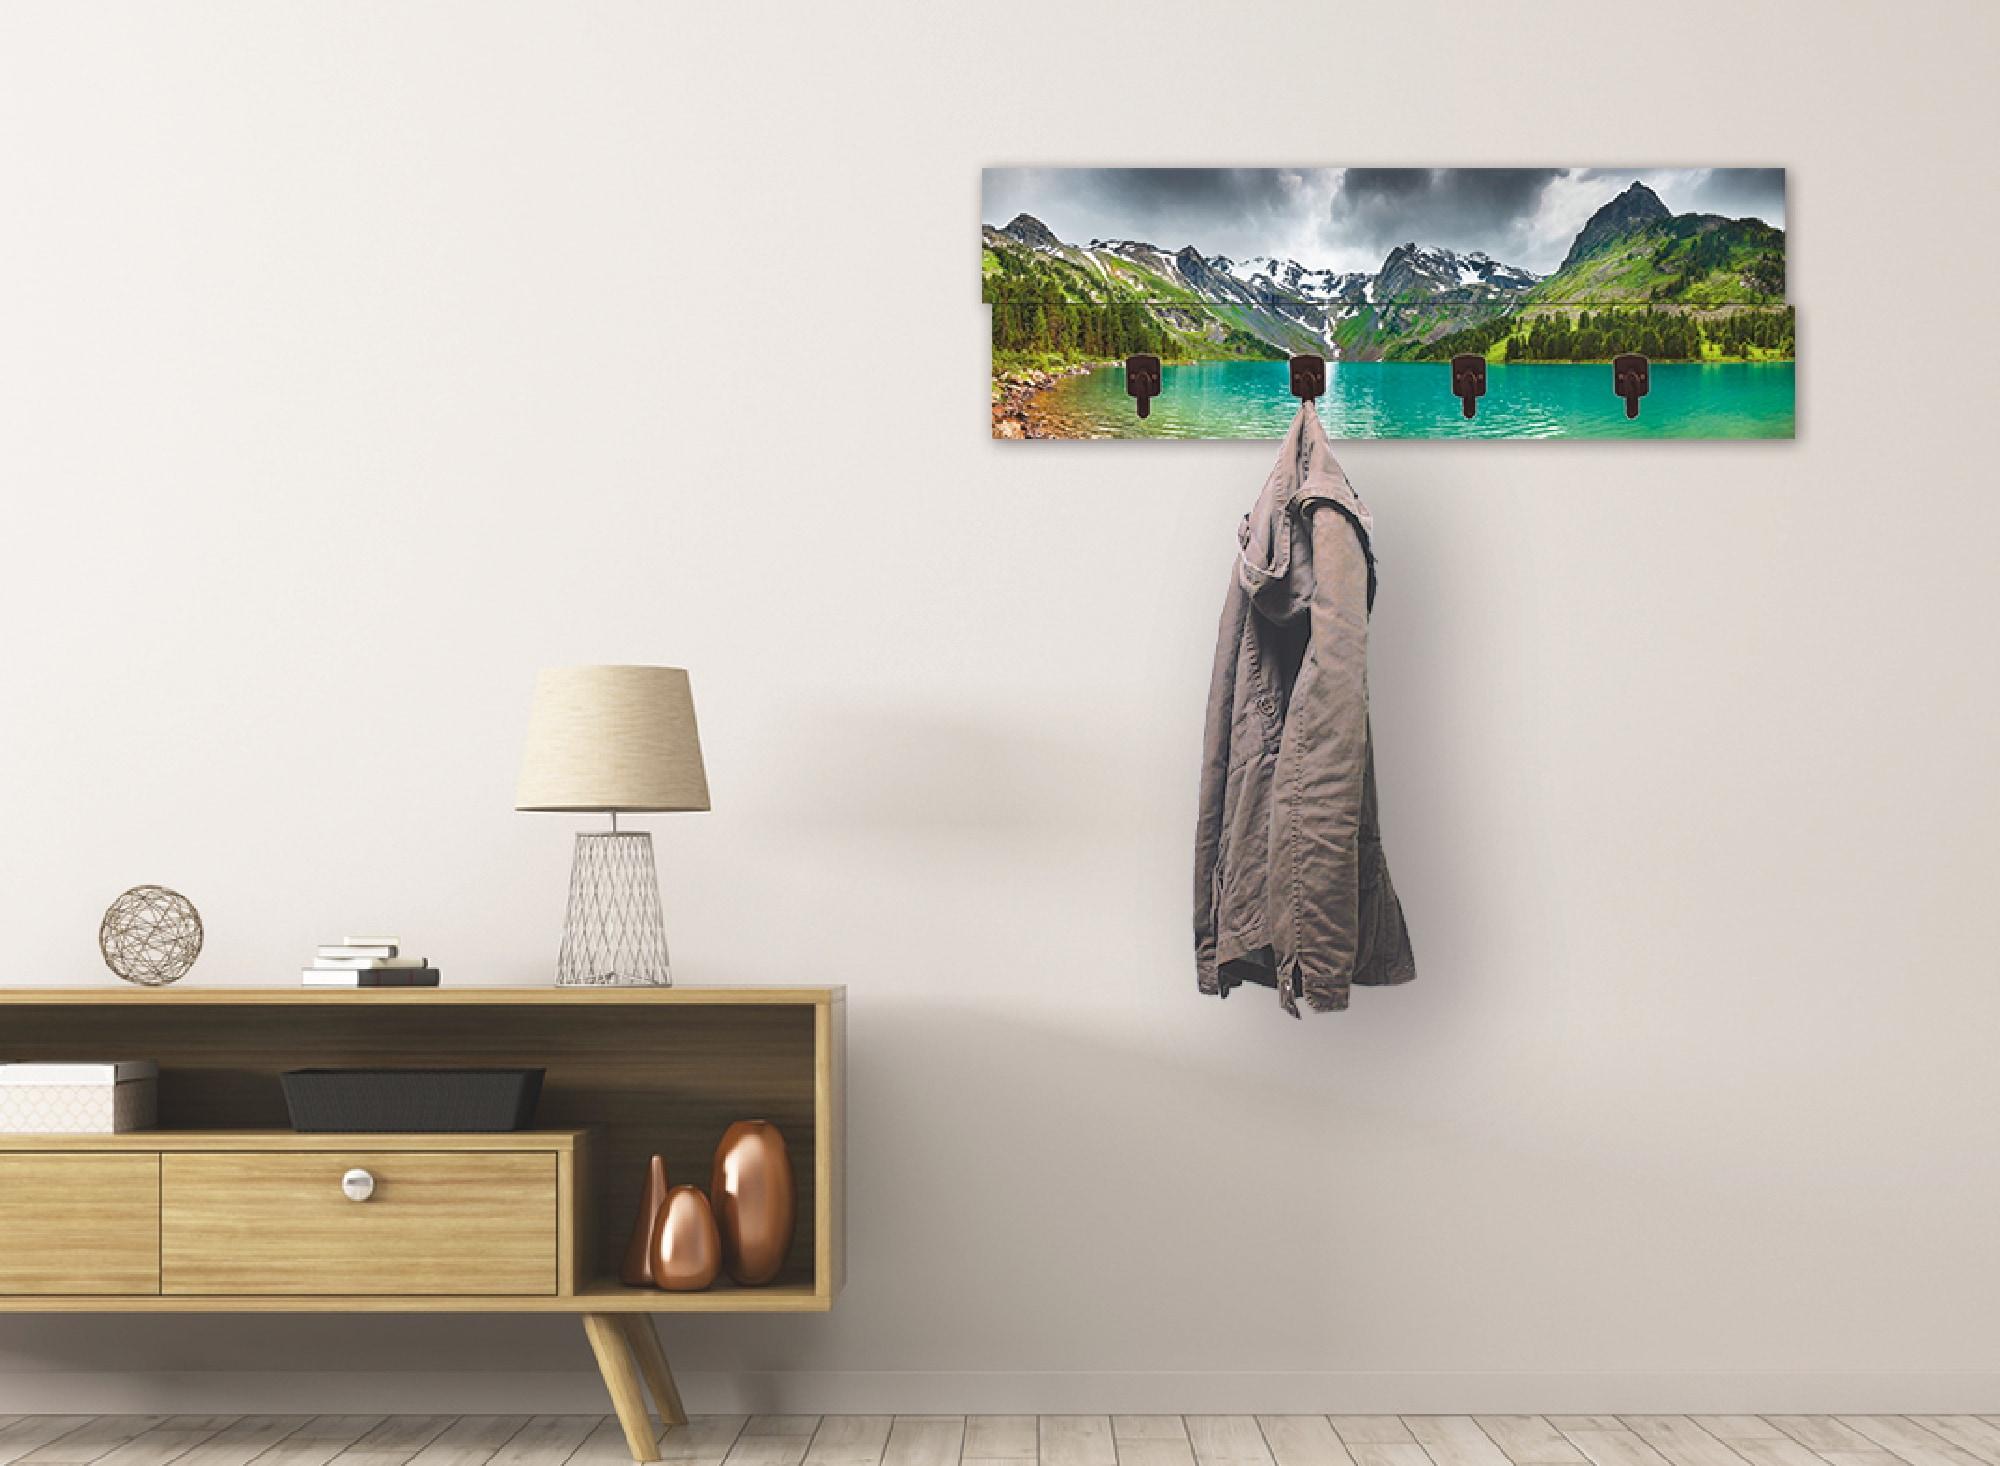 Image of Artland Garderobenpaneel »Bergsee«, Garderobe mit 4 Haken